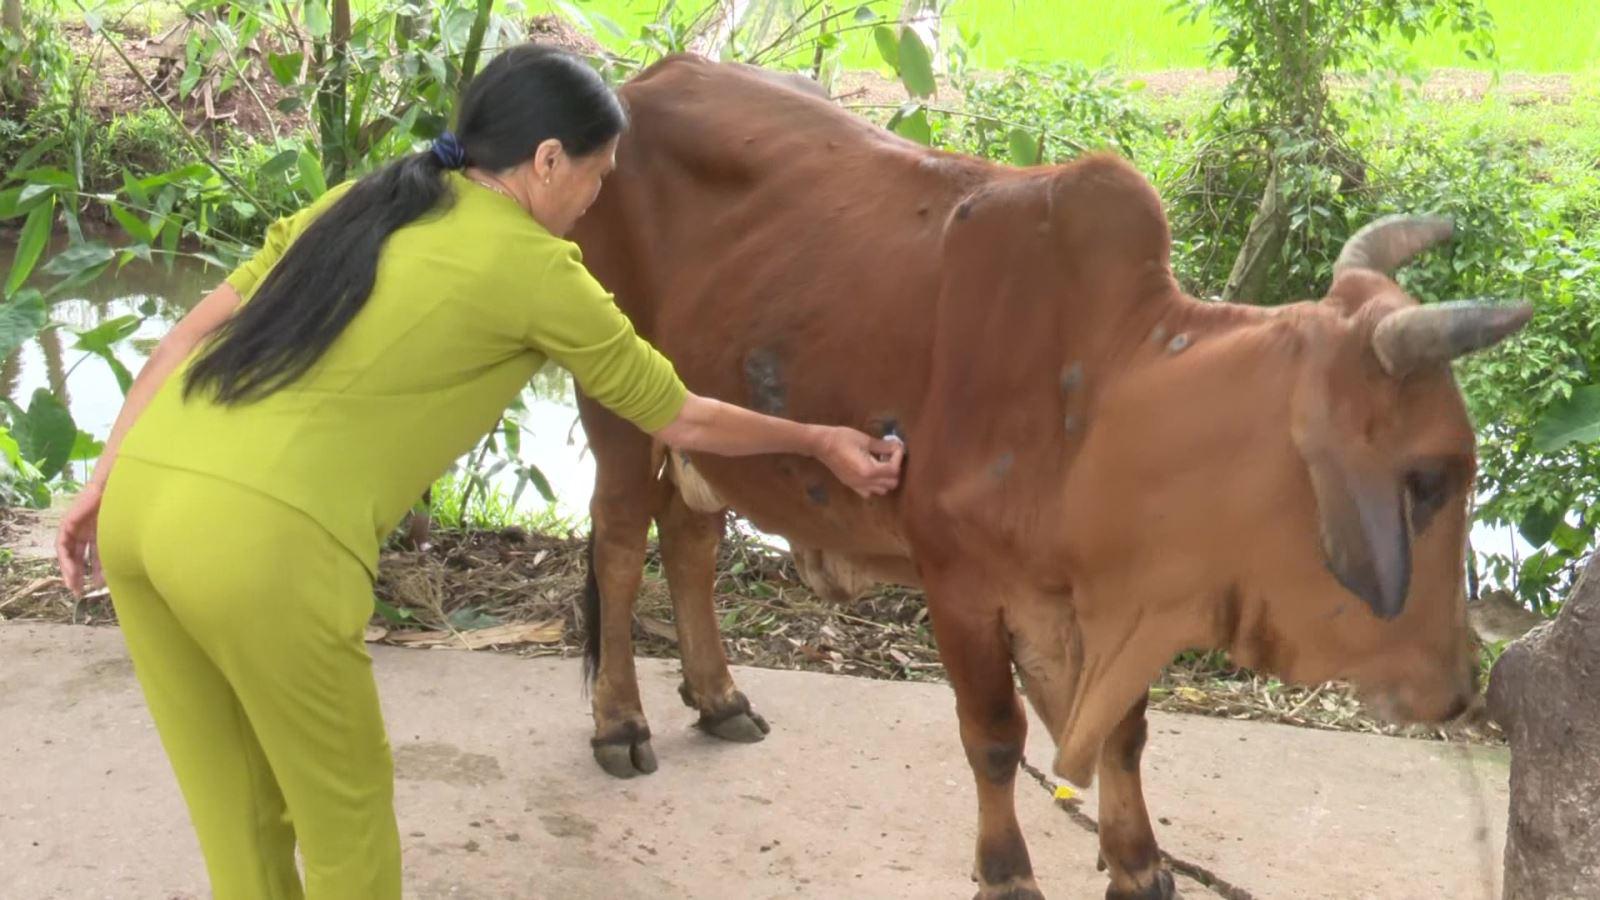 Bệnh viêm da nổi cục trên trâu, bò xuất hiện hiện ở 8/8 huyện, thành phố, tỉnh Thái Bình  - Ảnh 1.